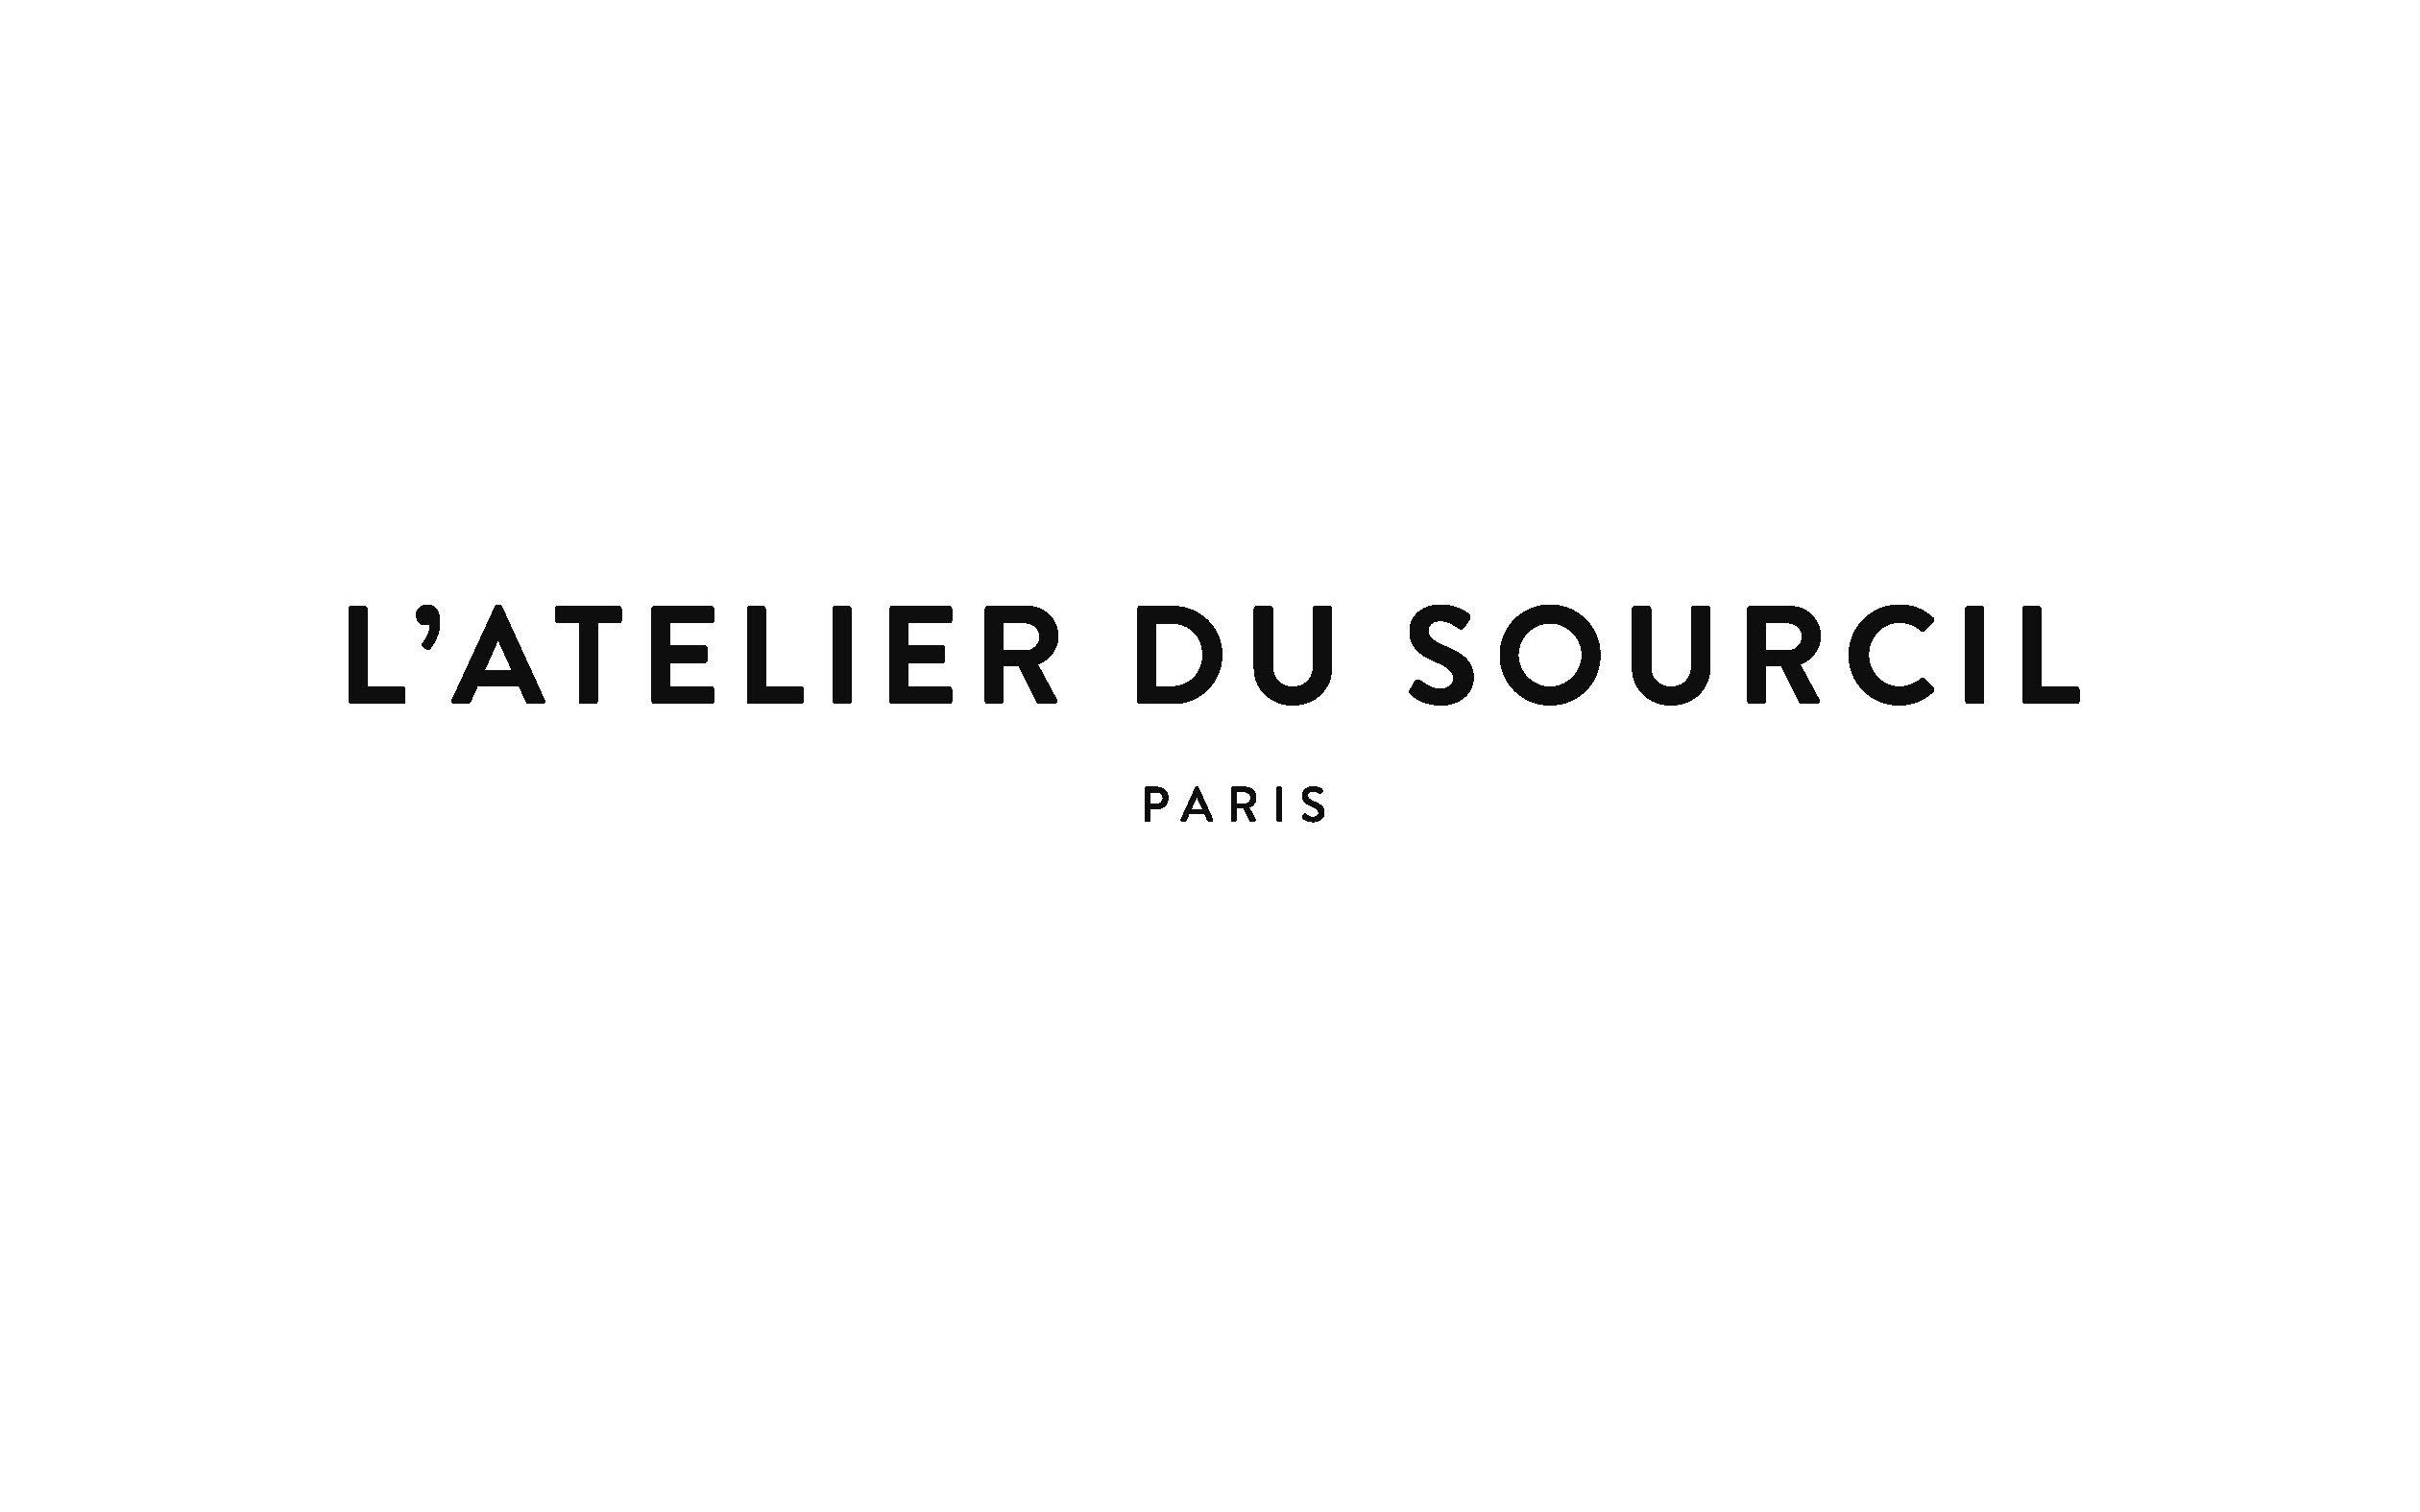 L'Atelier du Sourcil - Clermont-Ferrand